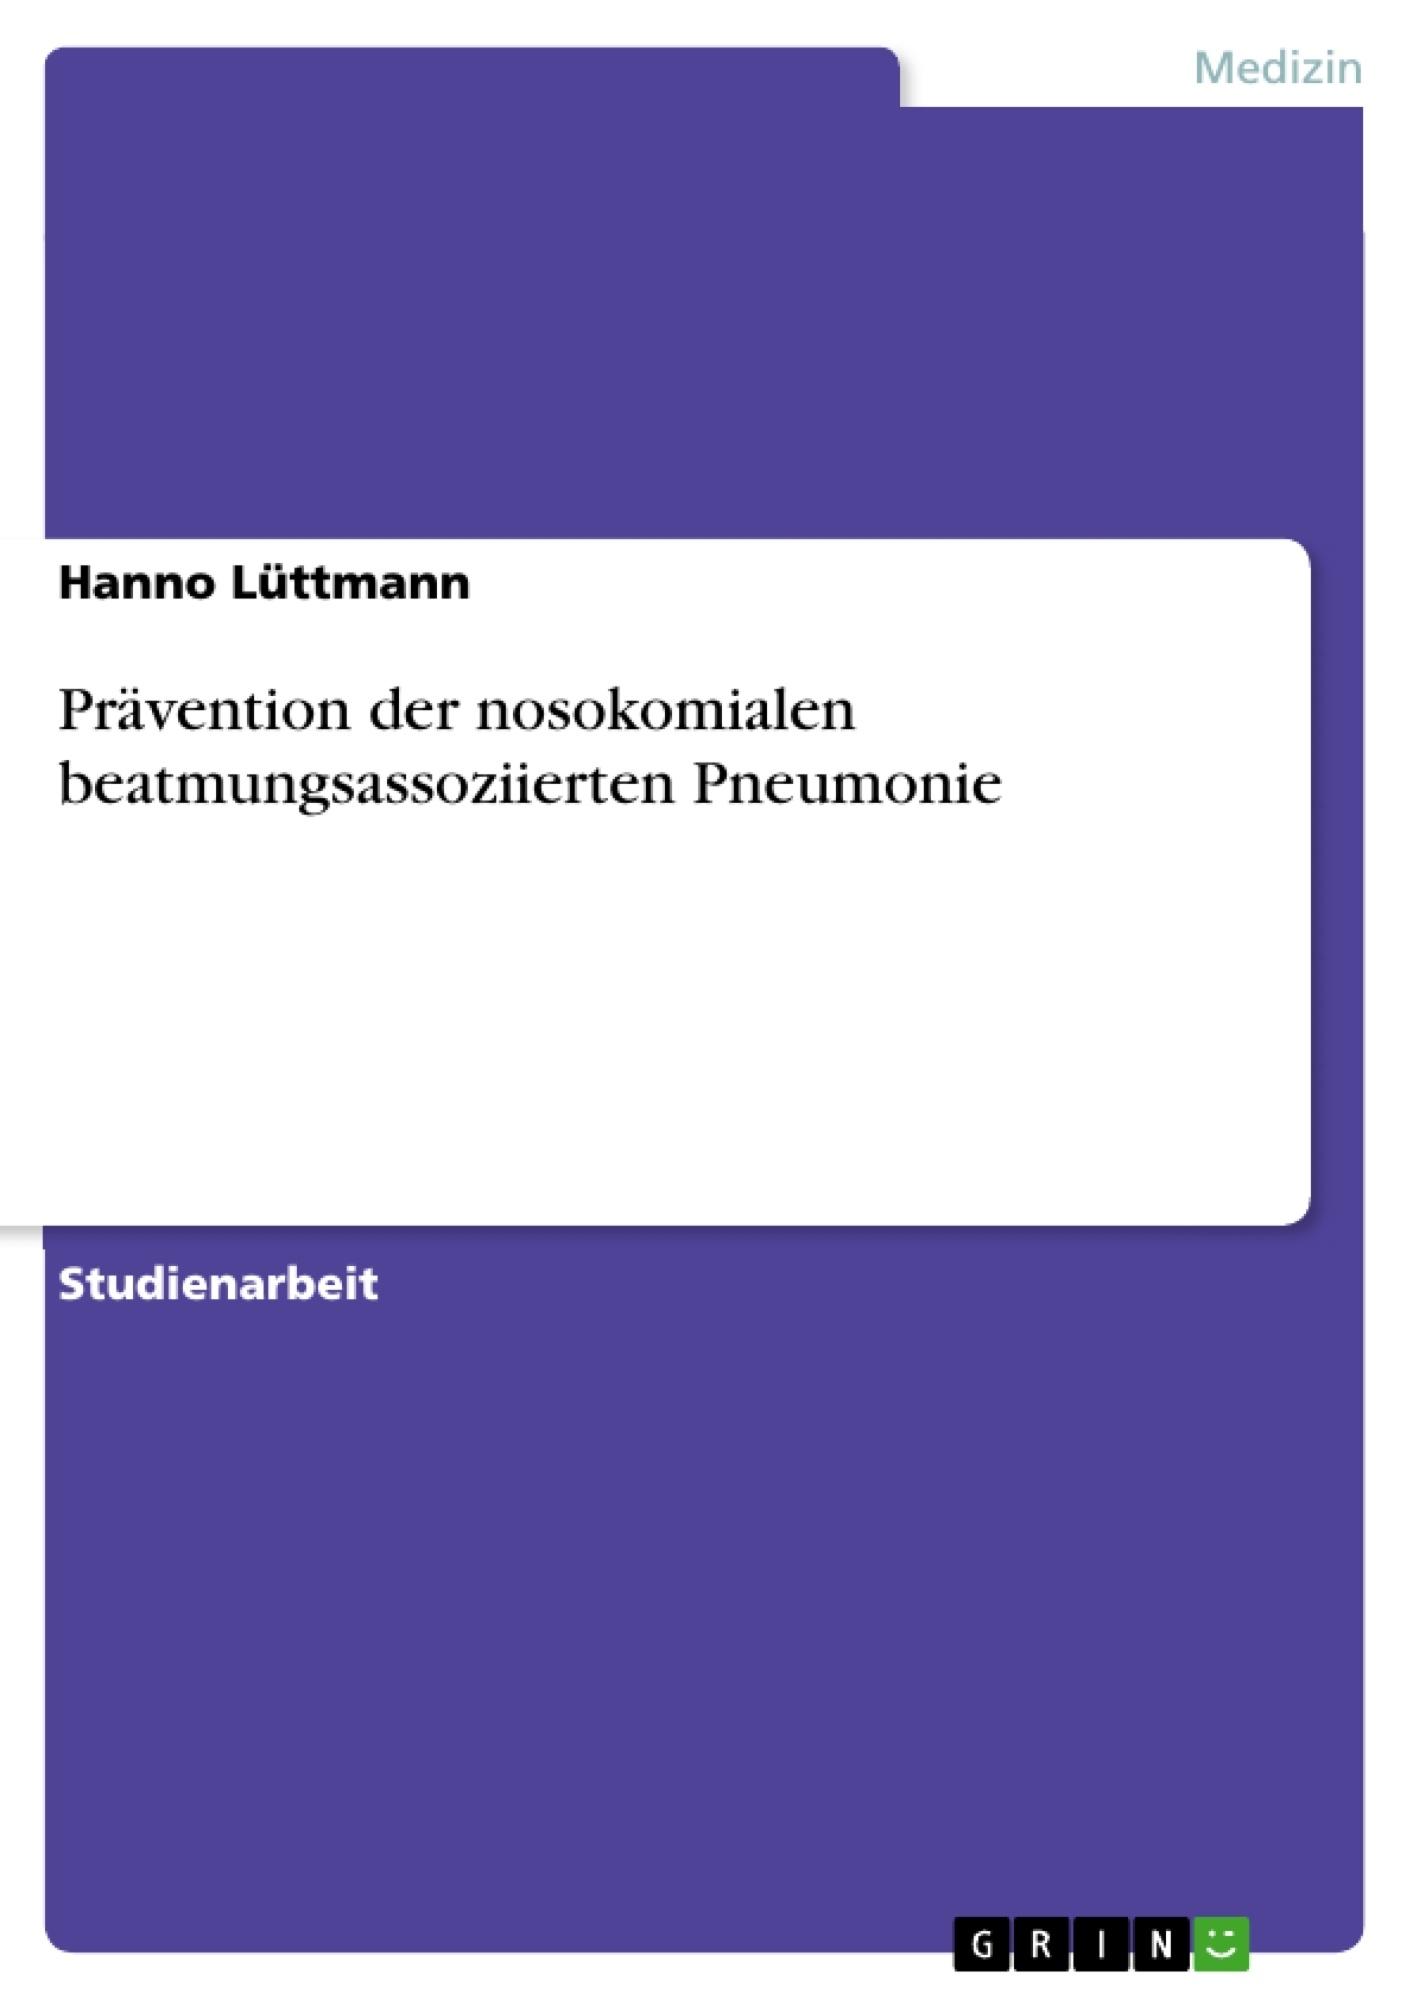 Titel: Prävention der nosokomialen beatmungsassoziierten Pneumonie